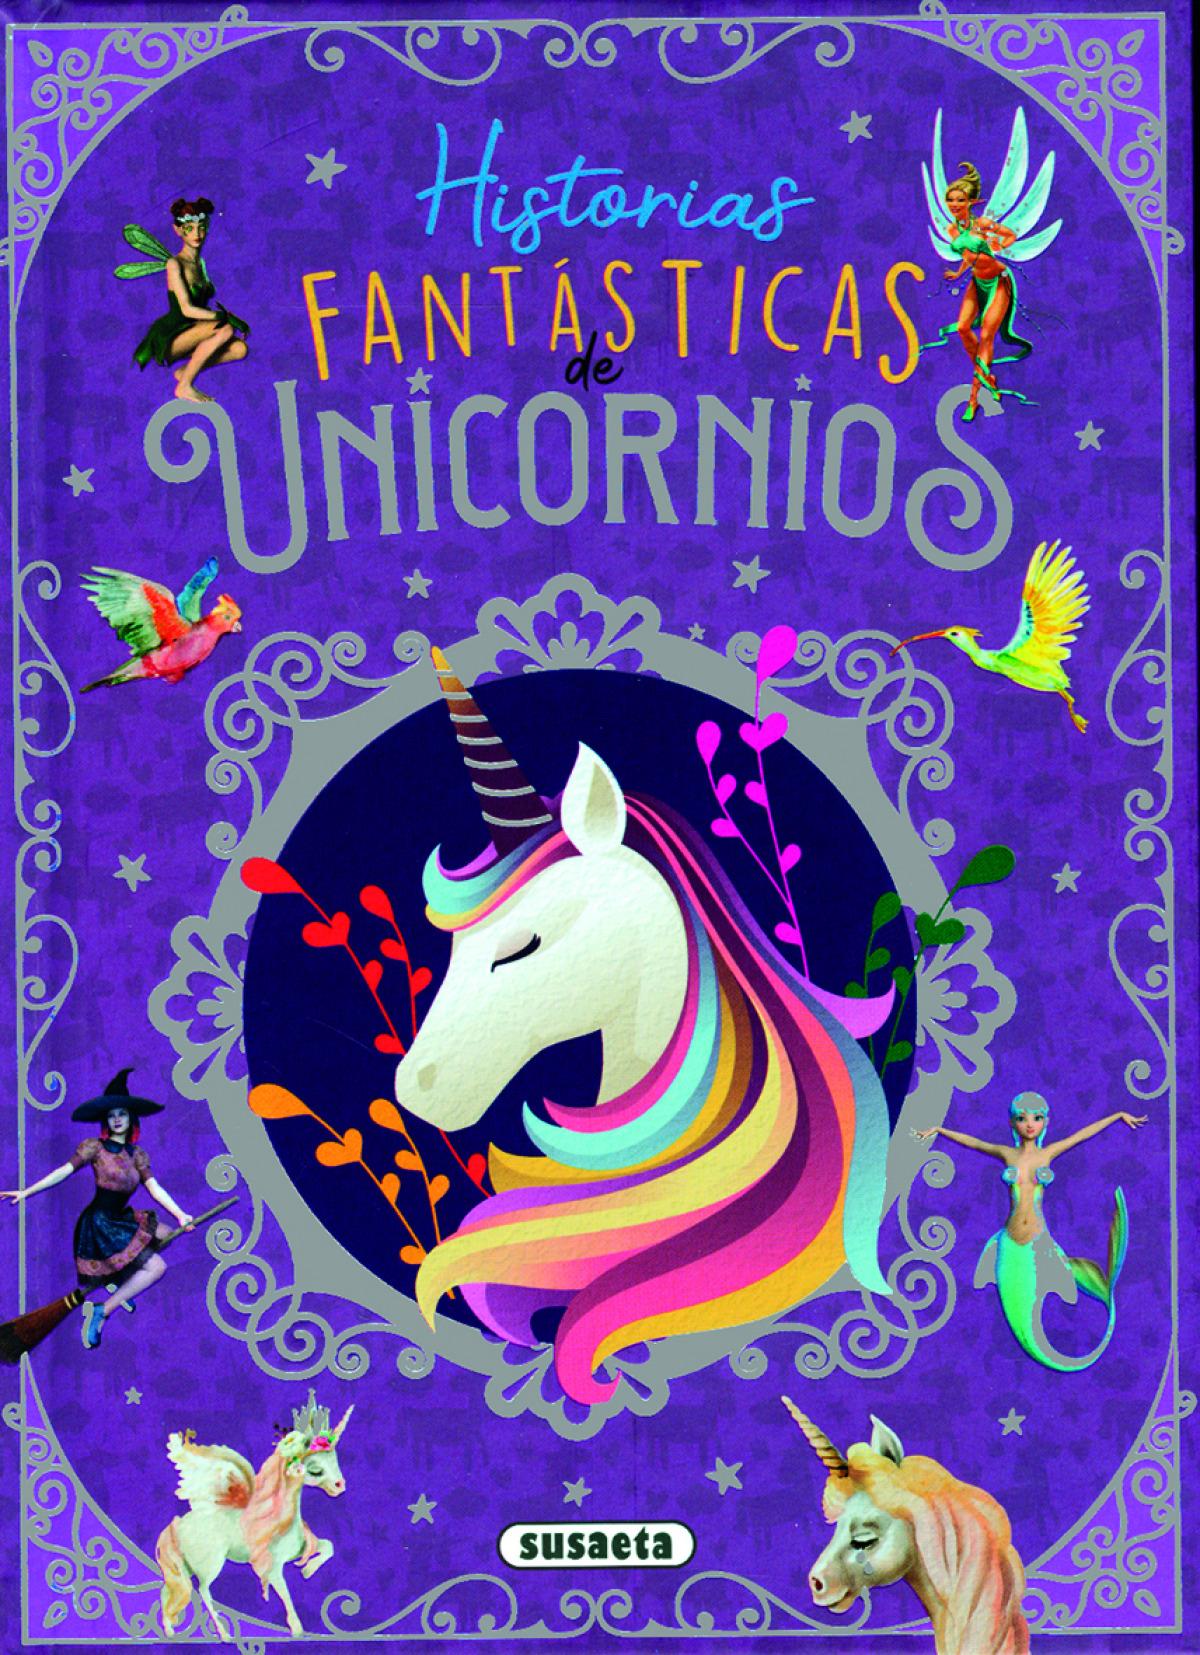 Historias fantásticas de unicornios